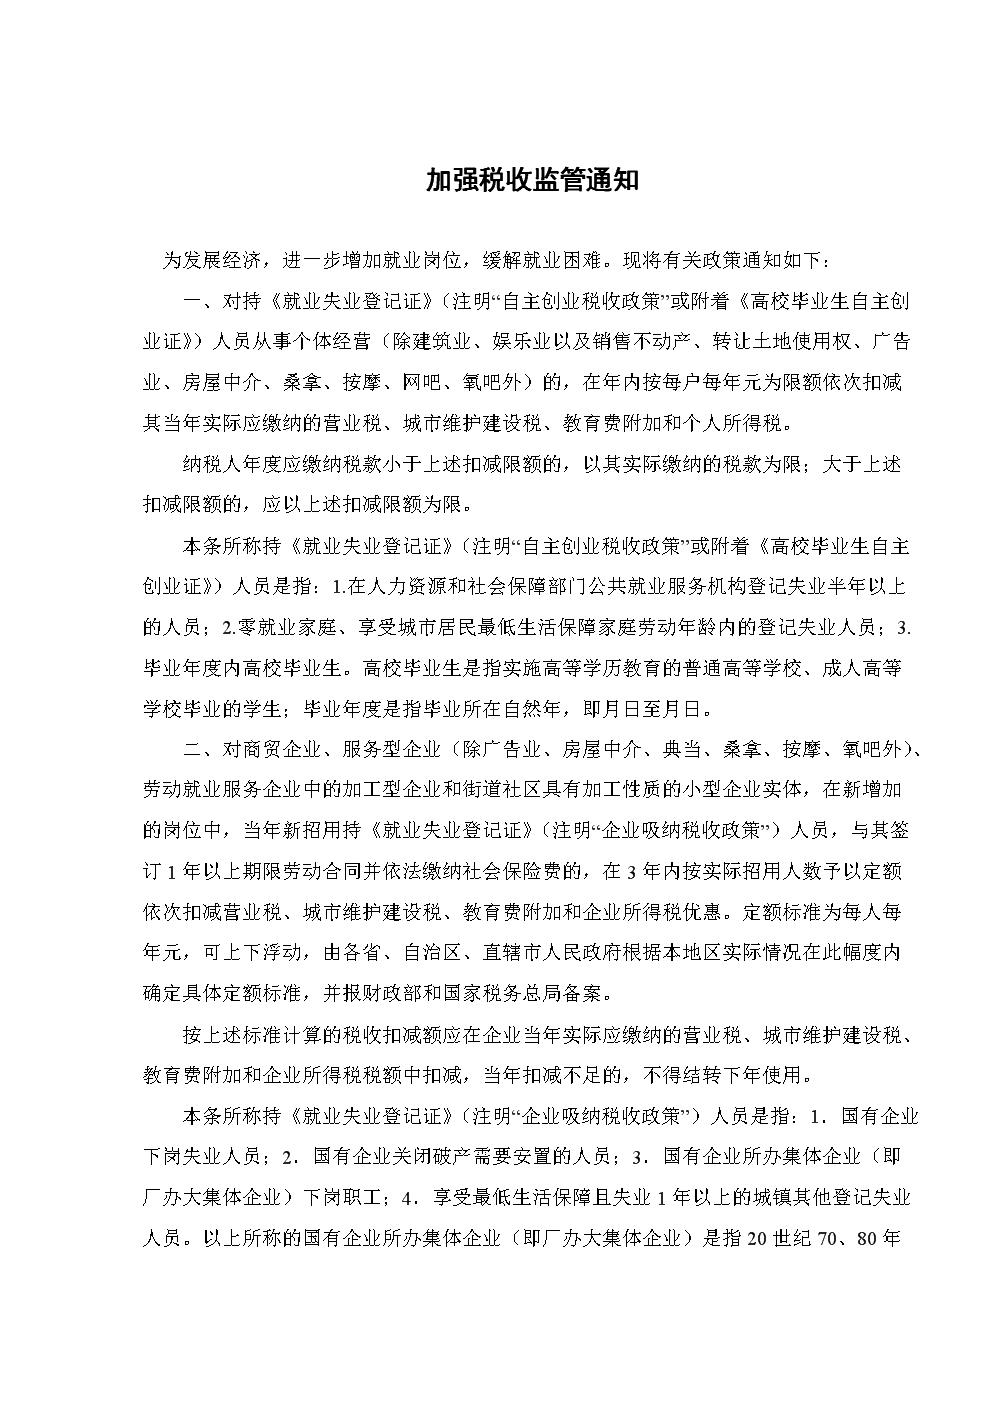 加强税收监管通知.doc